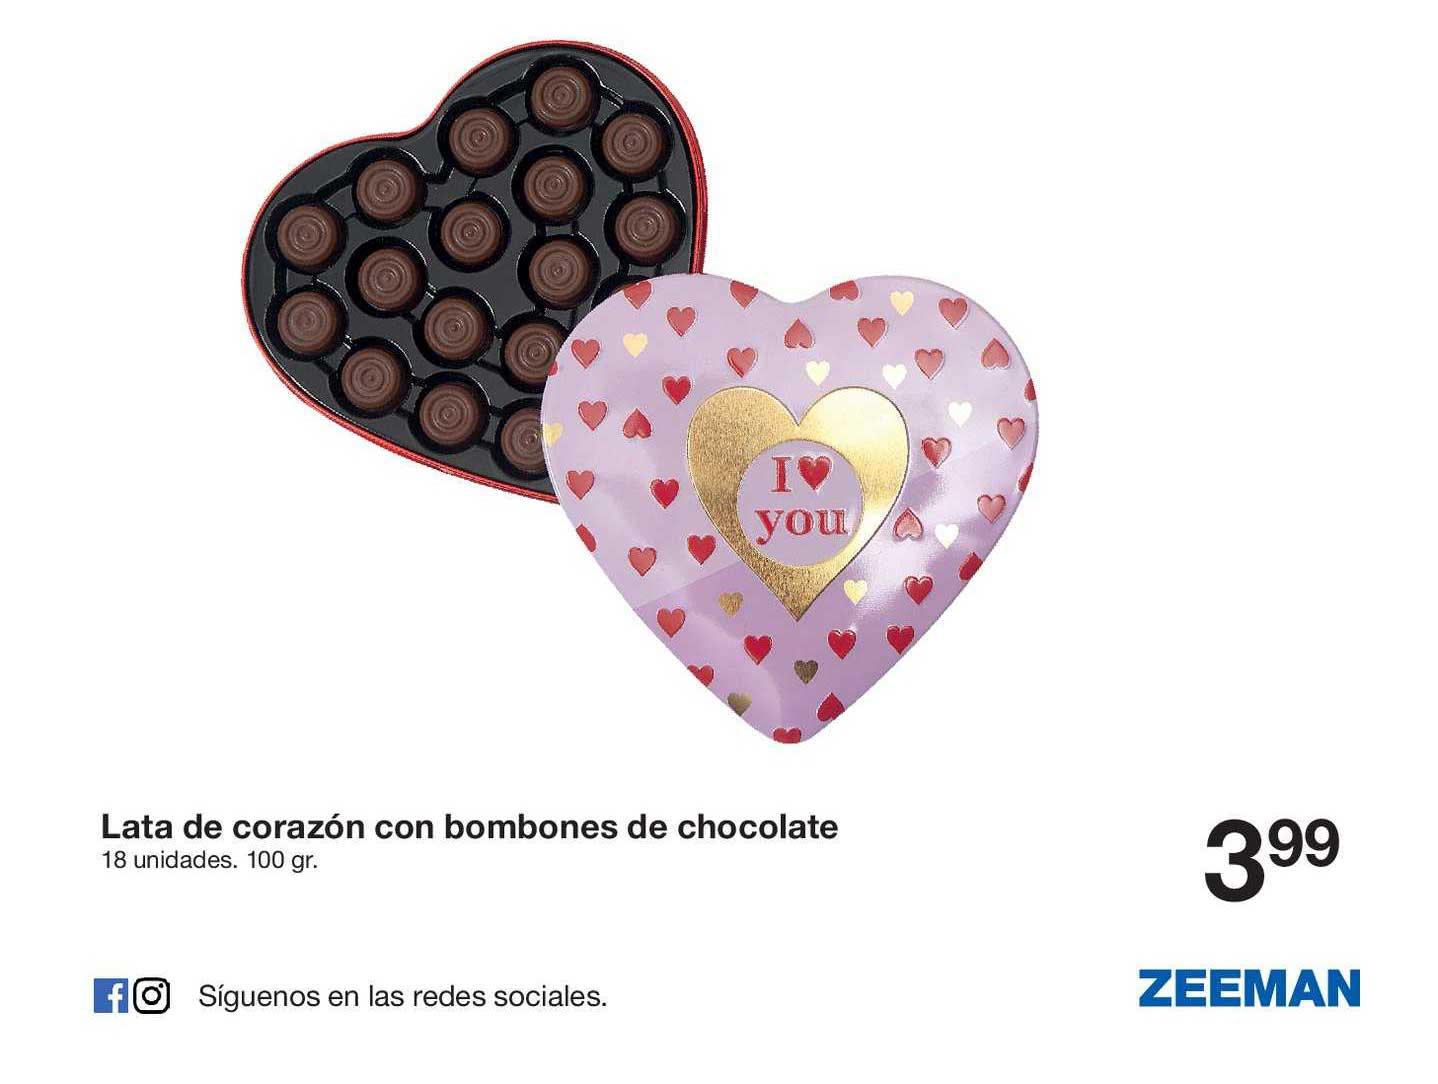 Zeeman Lata De Corazón Con Bombones De Chocolate